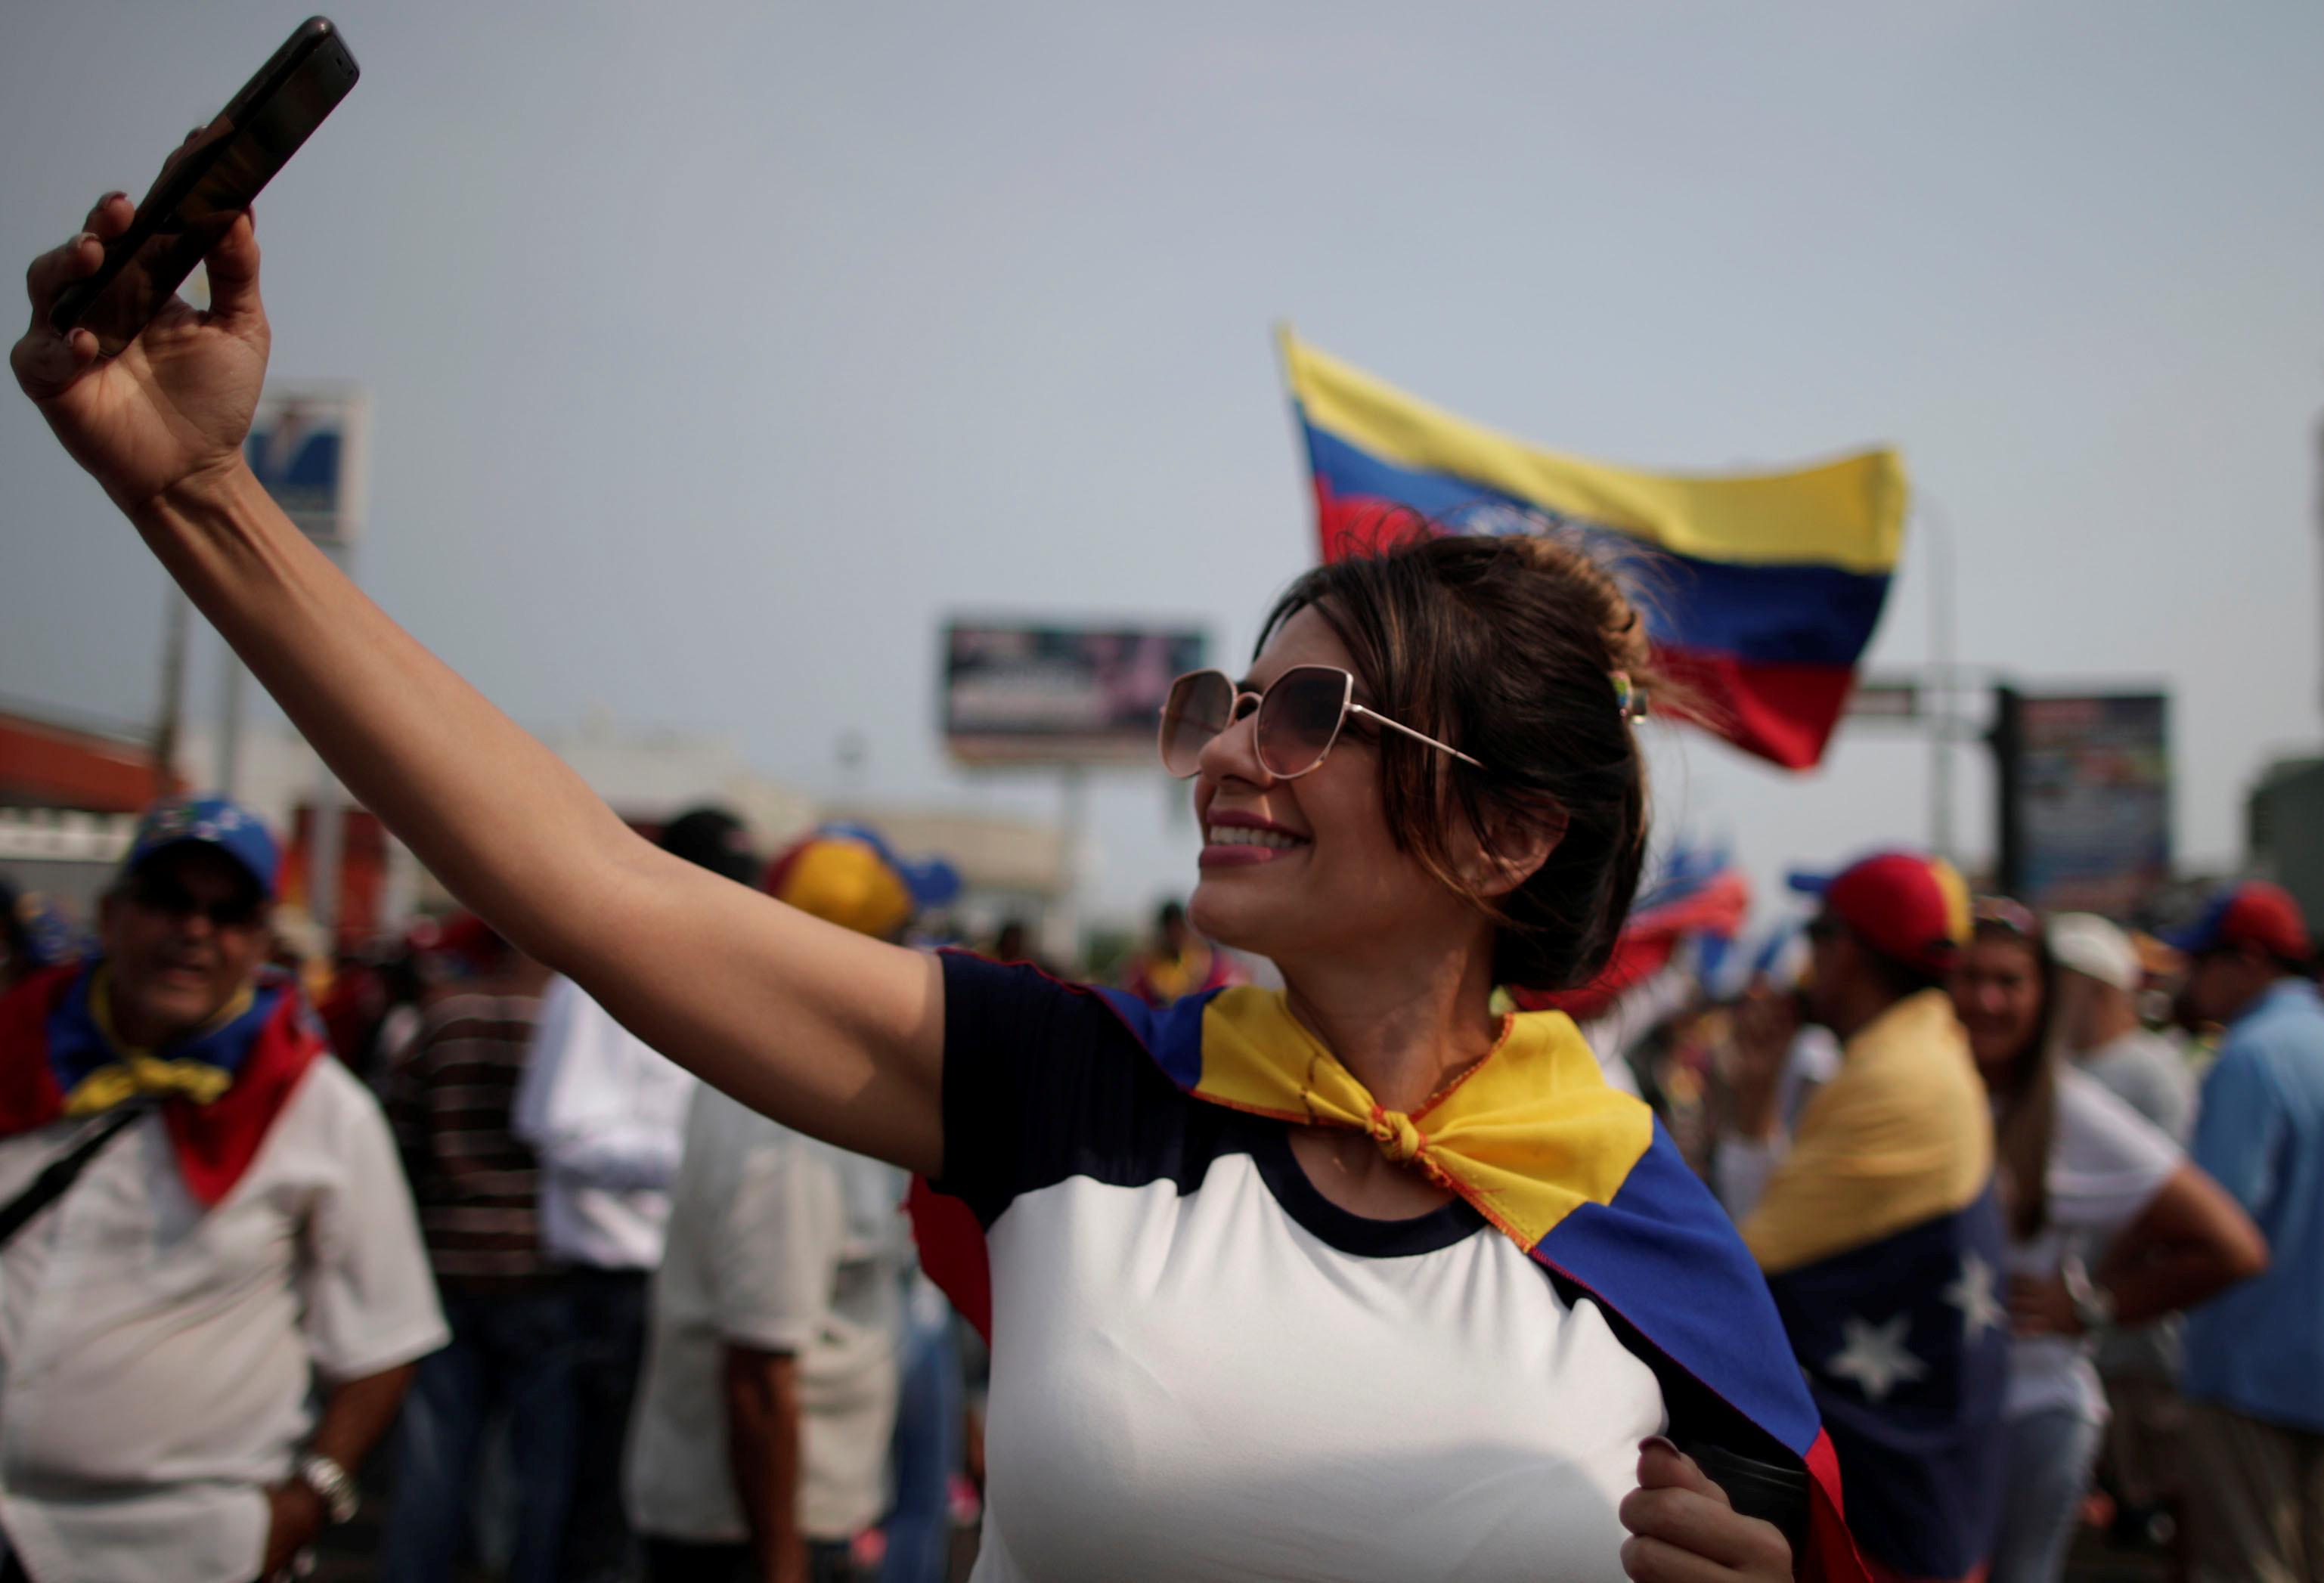 زعيم المعارضة الفنزويلية جوايدو يشارك في مظاهرة خلال زيارته لماراكايبو 13